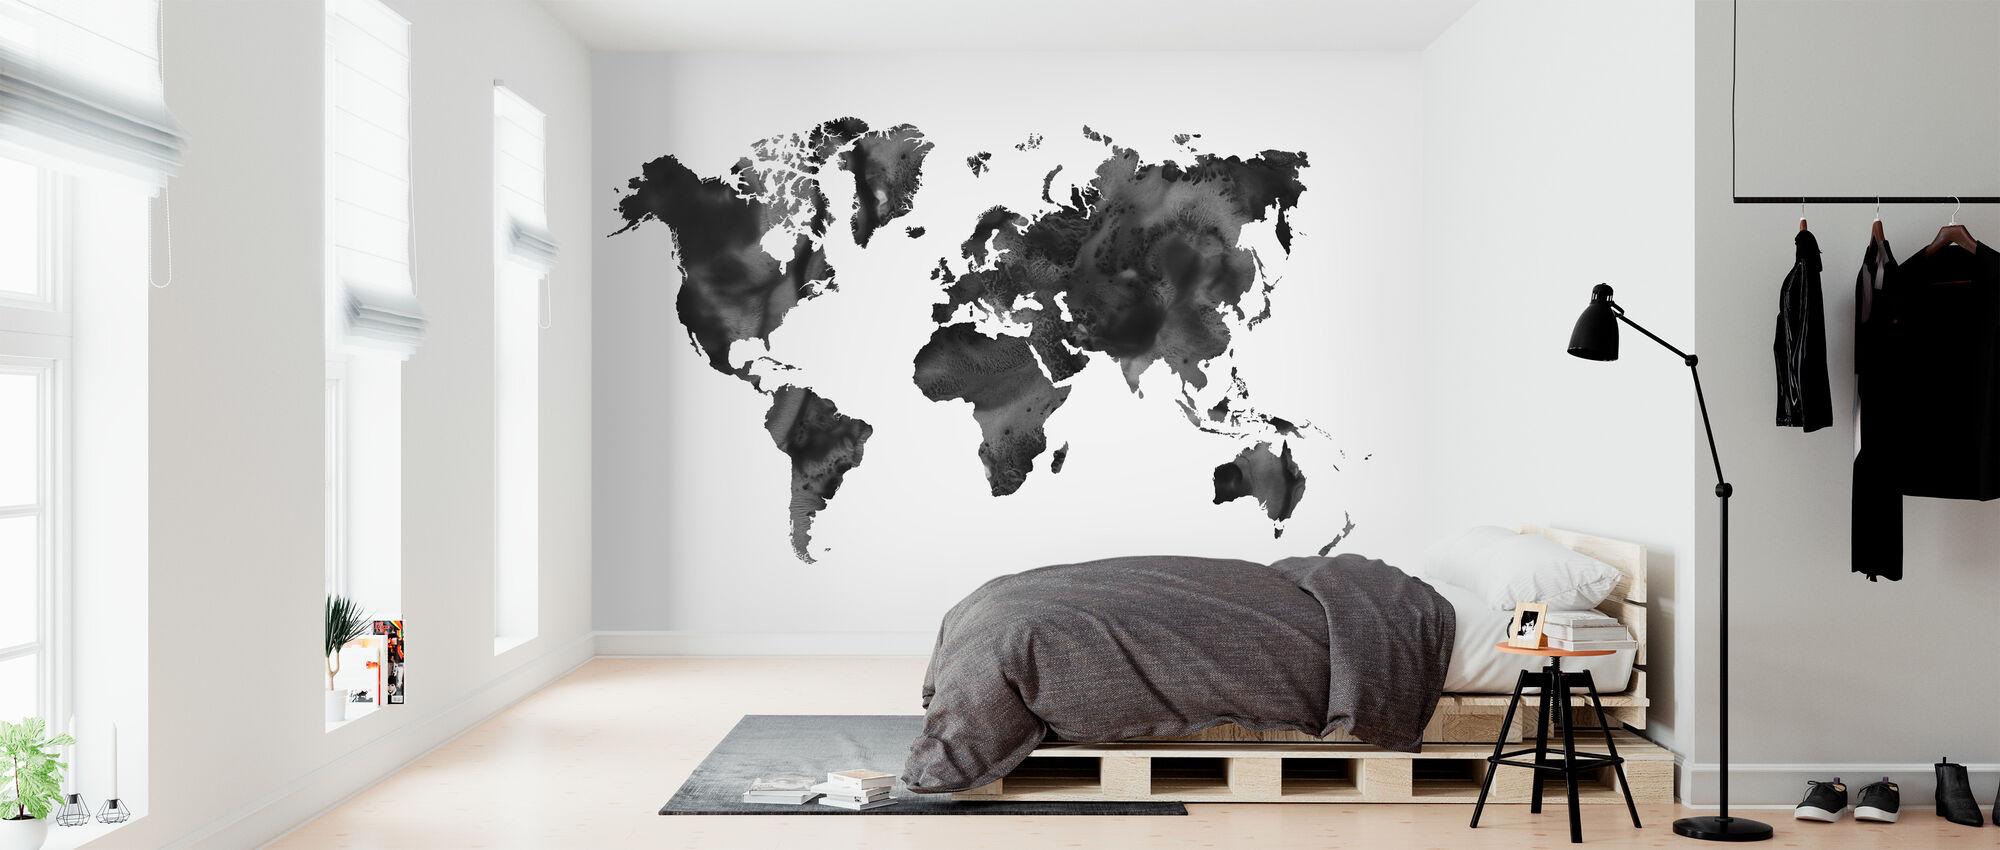 Akvarell verdenskart svart - Tapet - Soverom